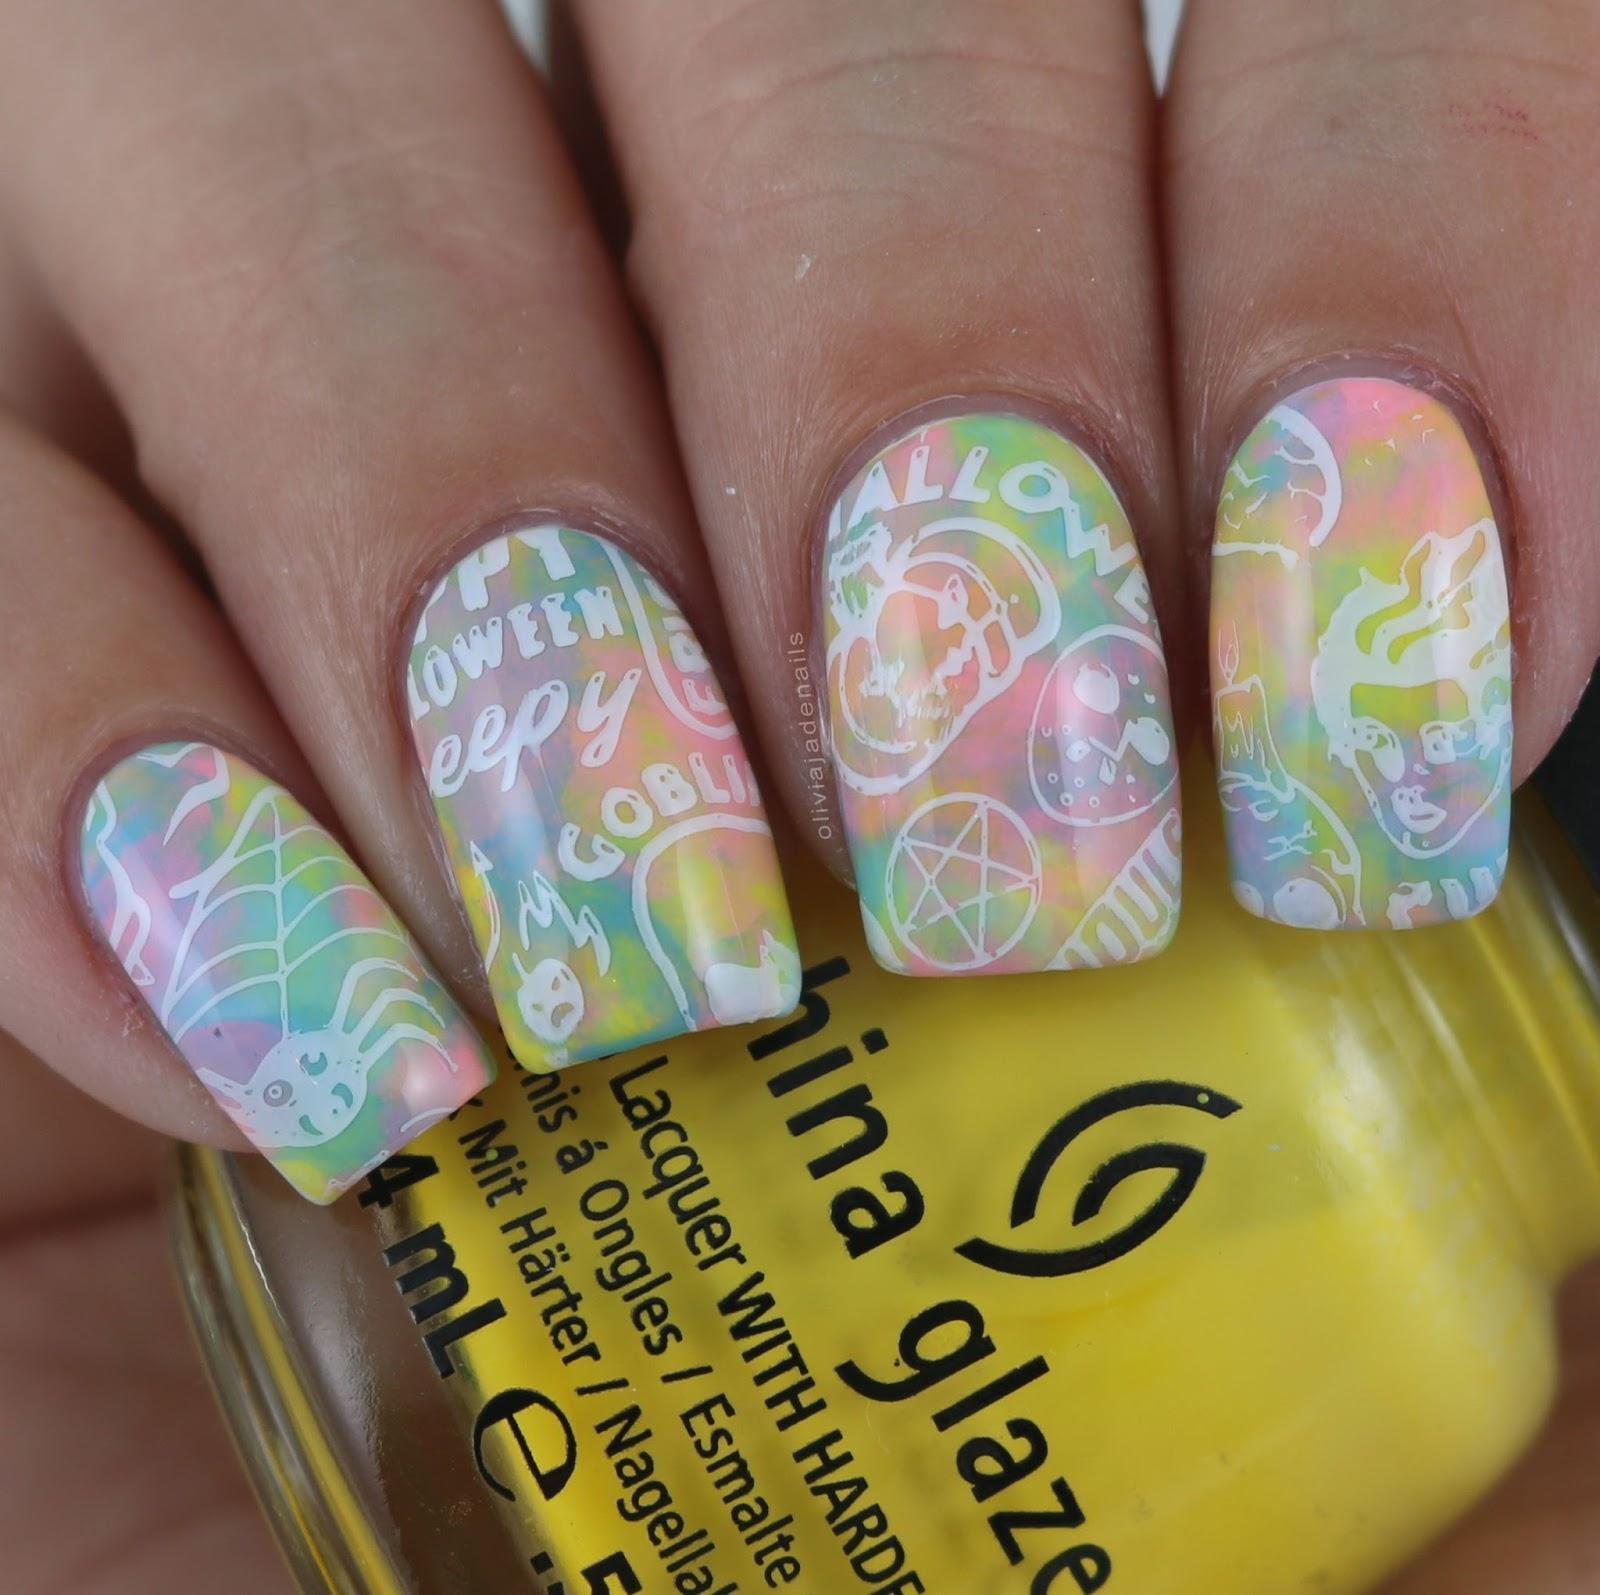 Olivia jade nails crumpets nail tarts 26 great nail art ideas halloween prinsesfo Images